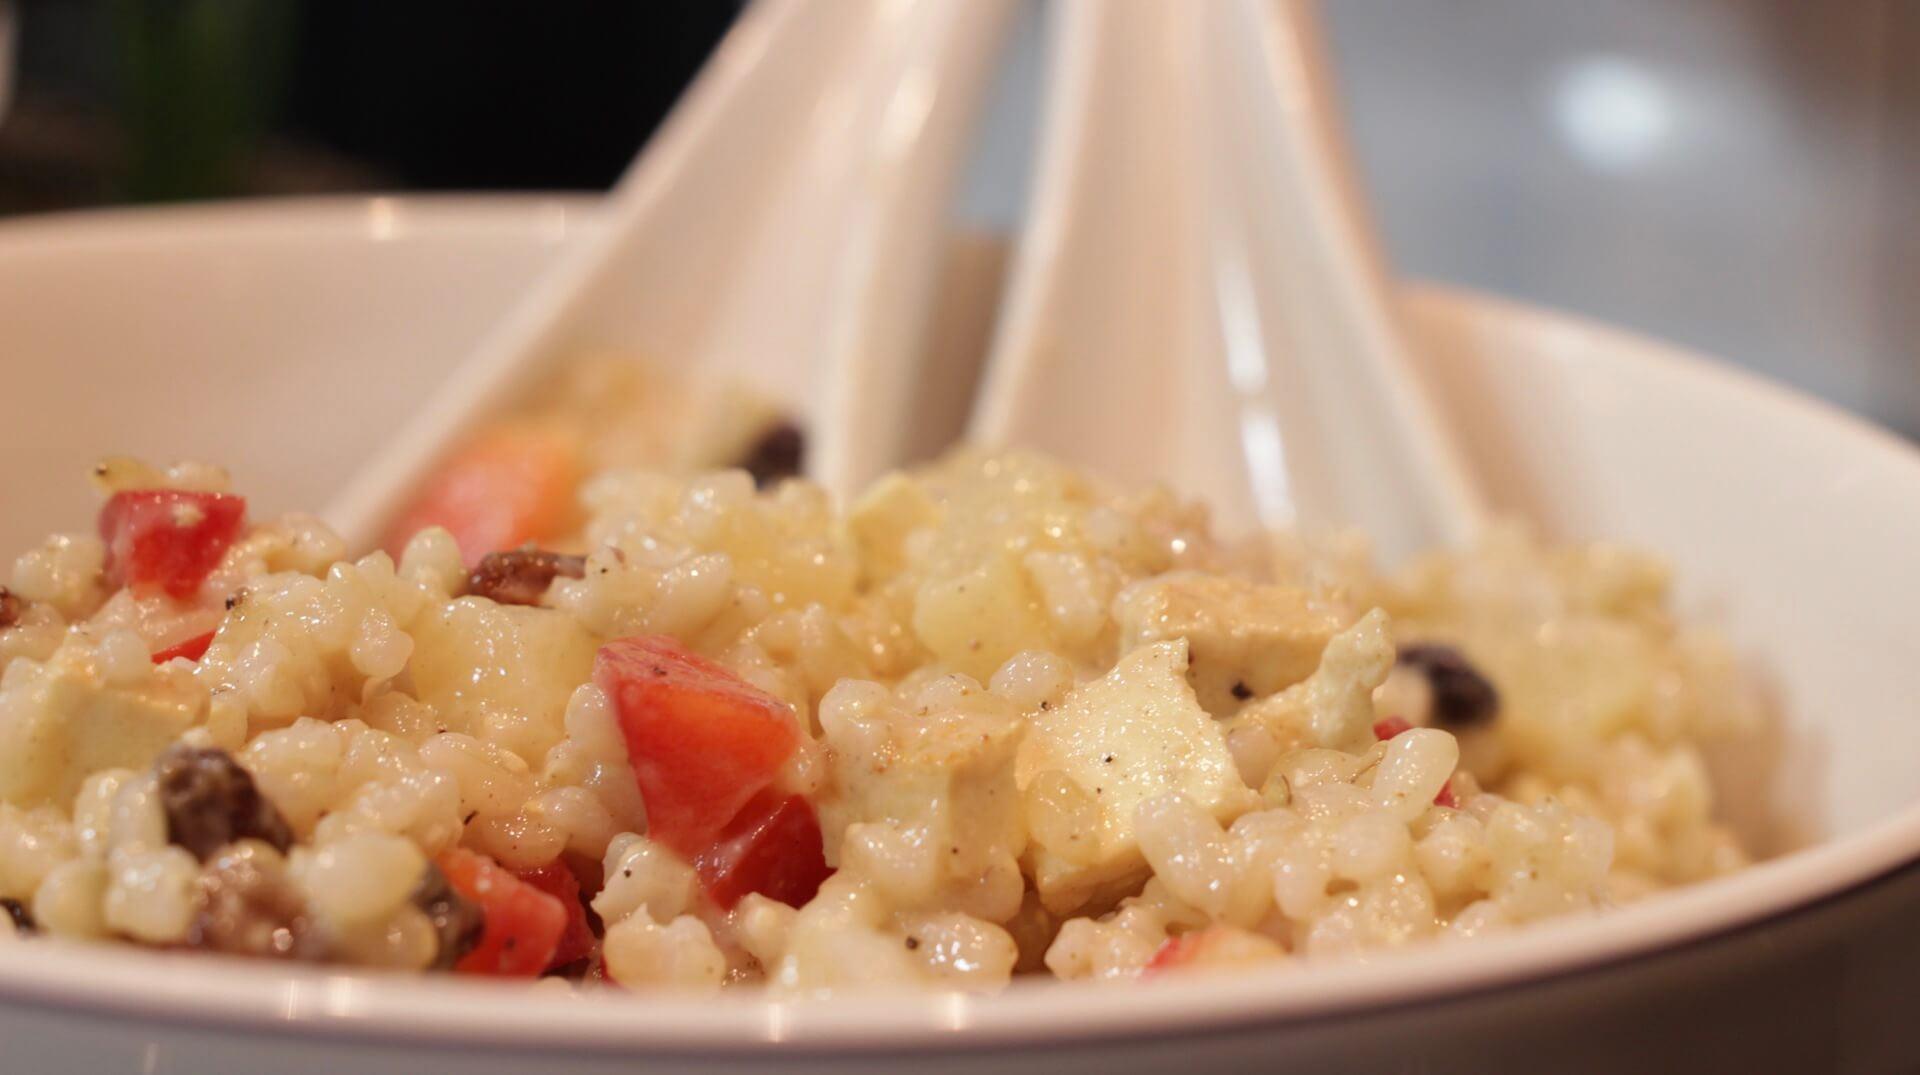 Sałatka ryżowa z ananasem i wędzonym tofu bezglutenowa kuchnia wegańska Atelier Smaku